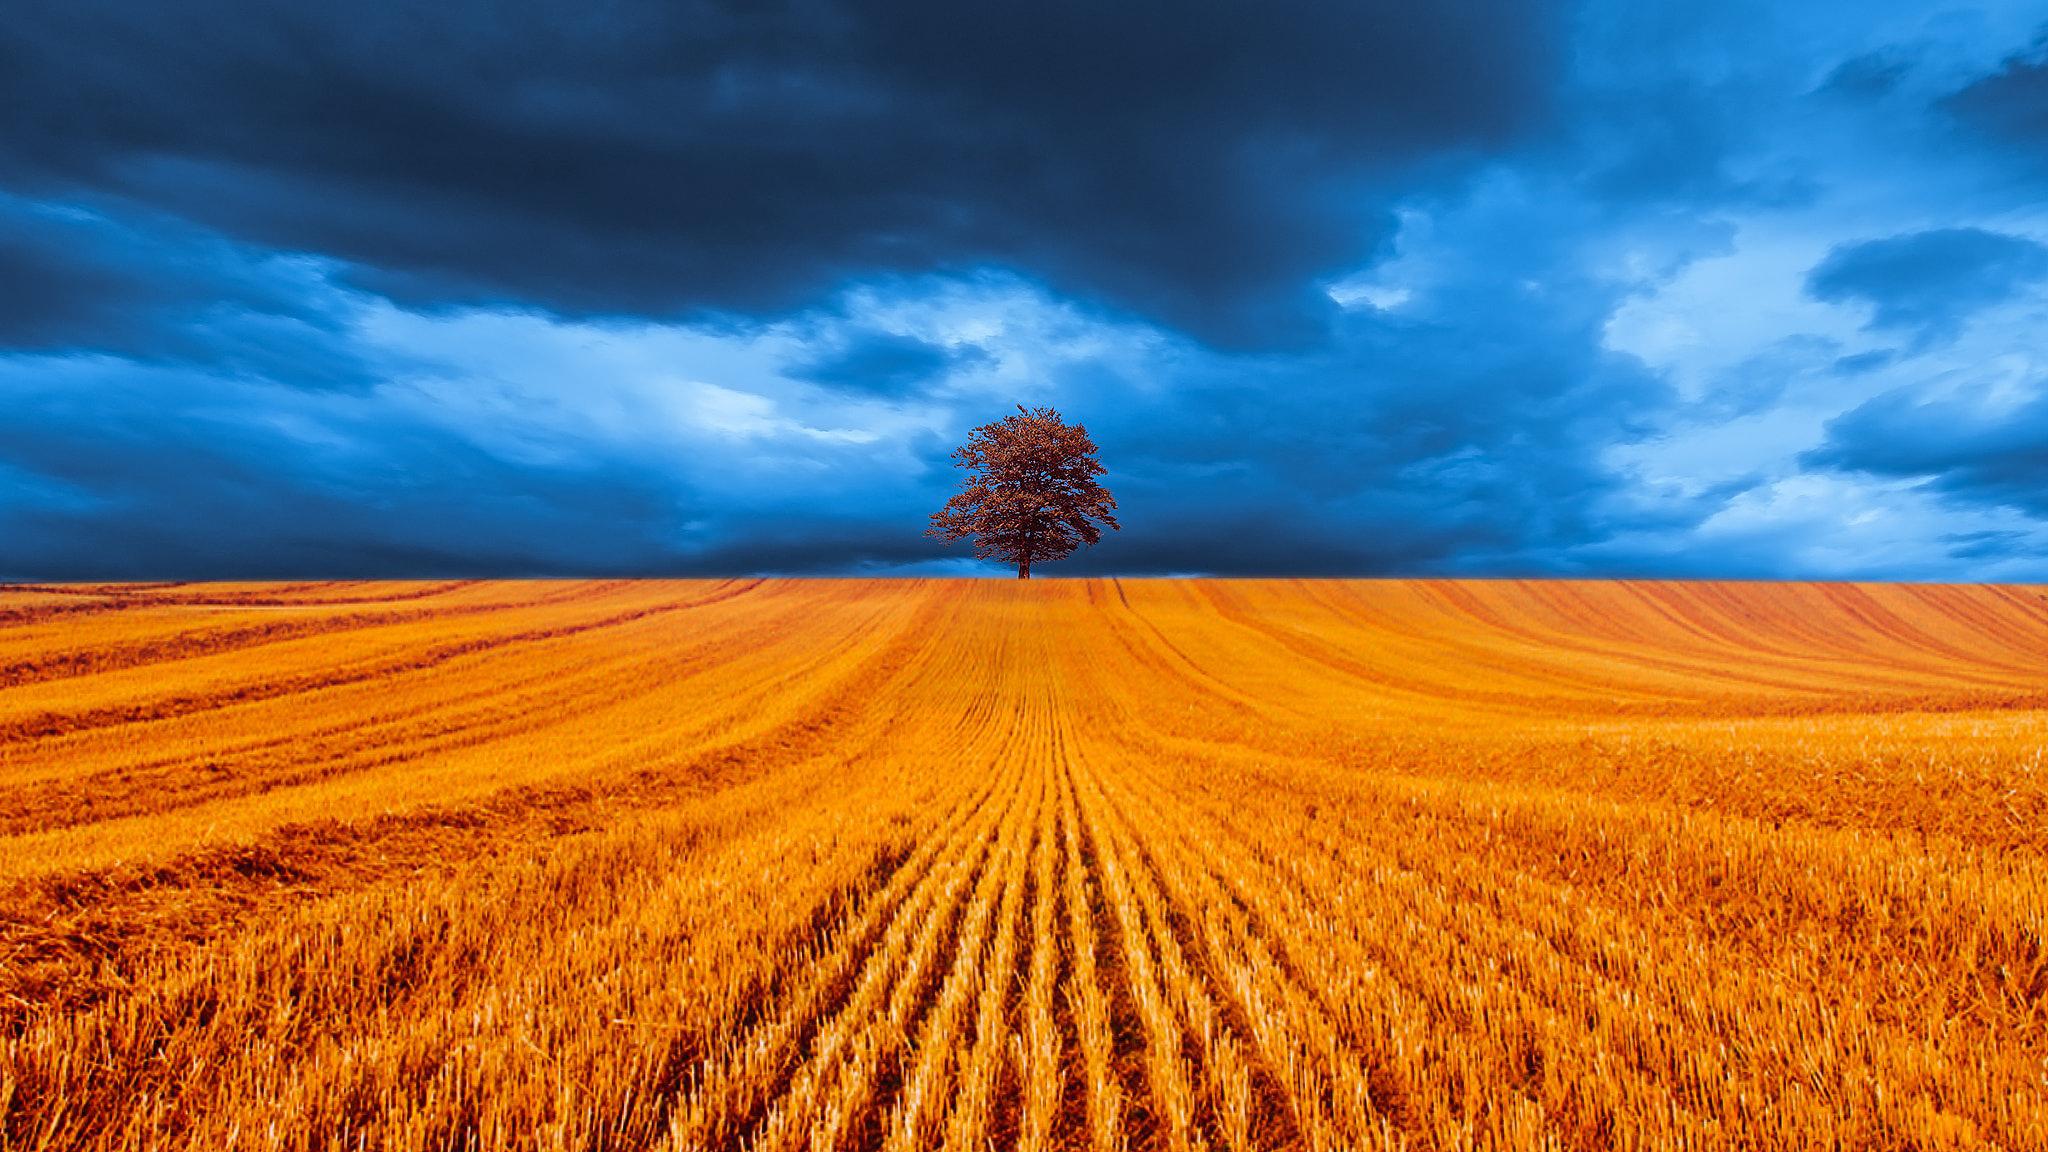 фото пшеничного поля и синего неба много лет испытала